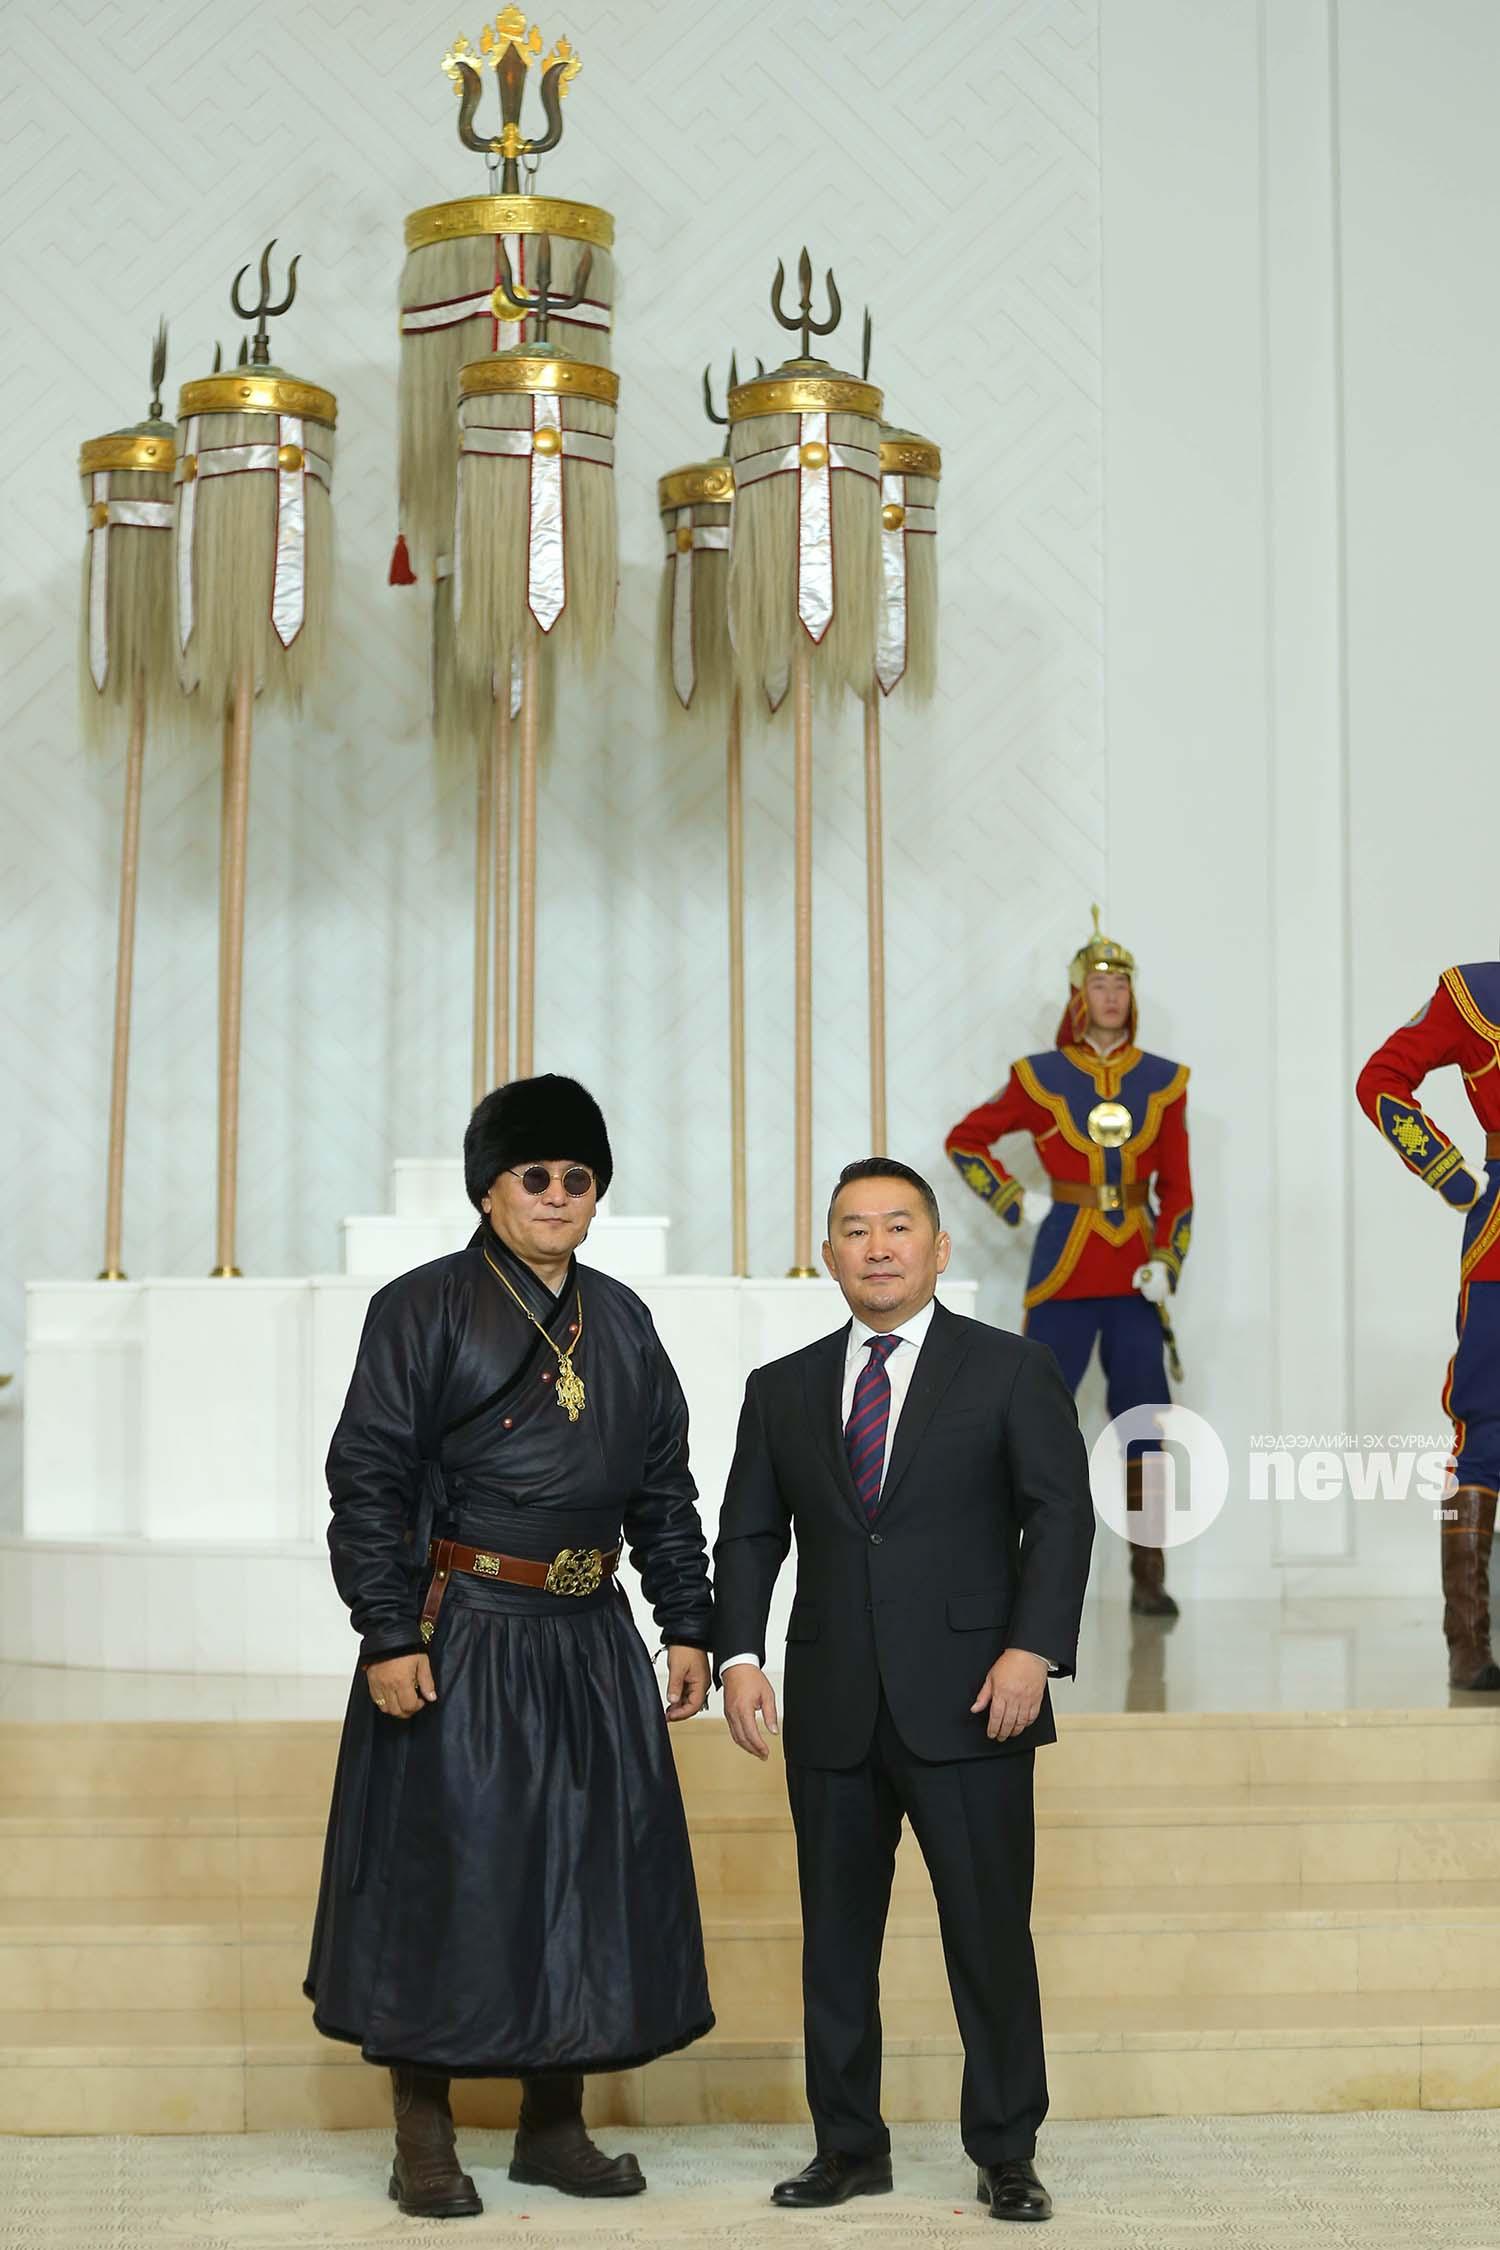 Чингис хаан одон (16)